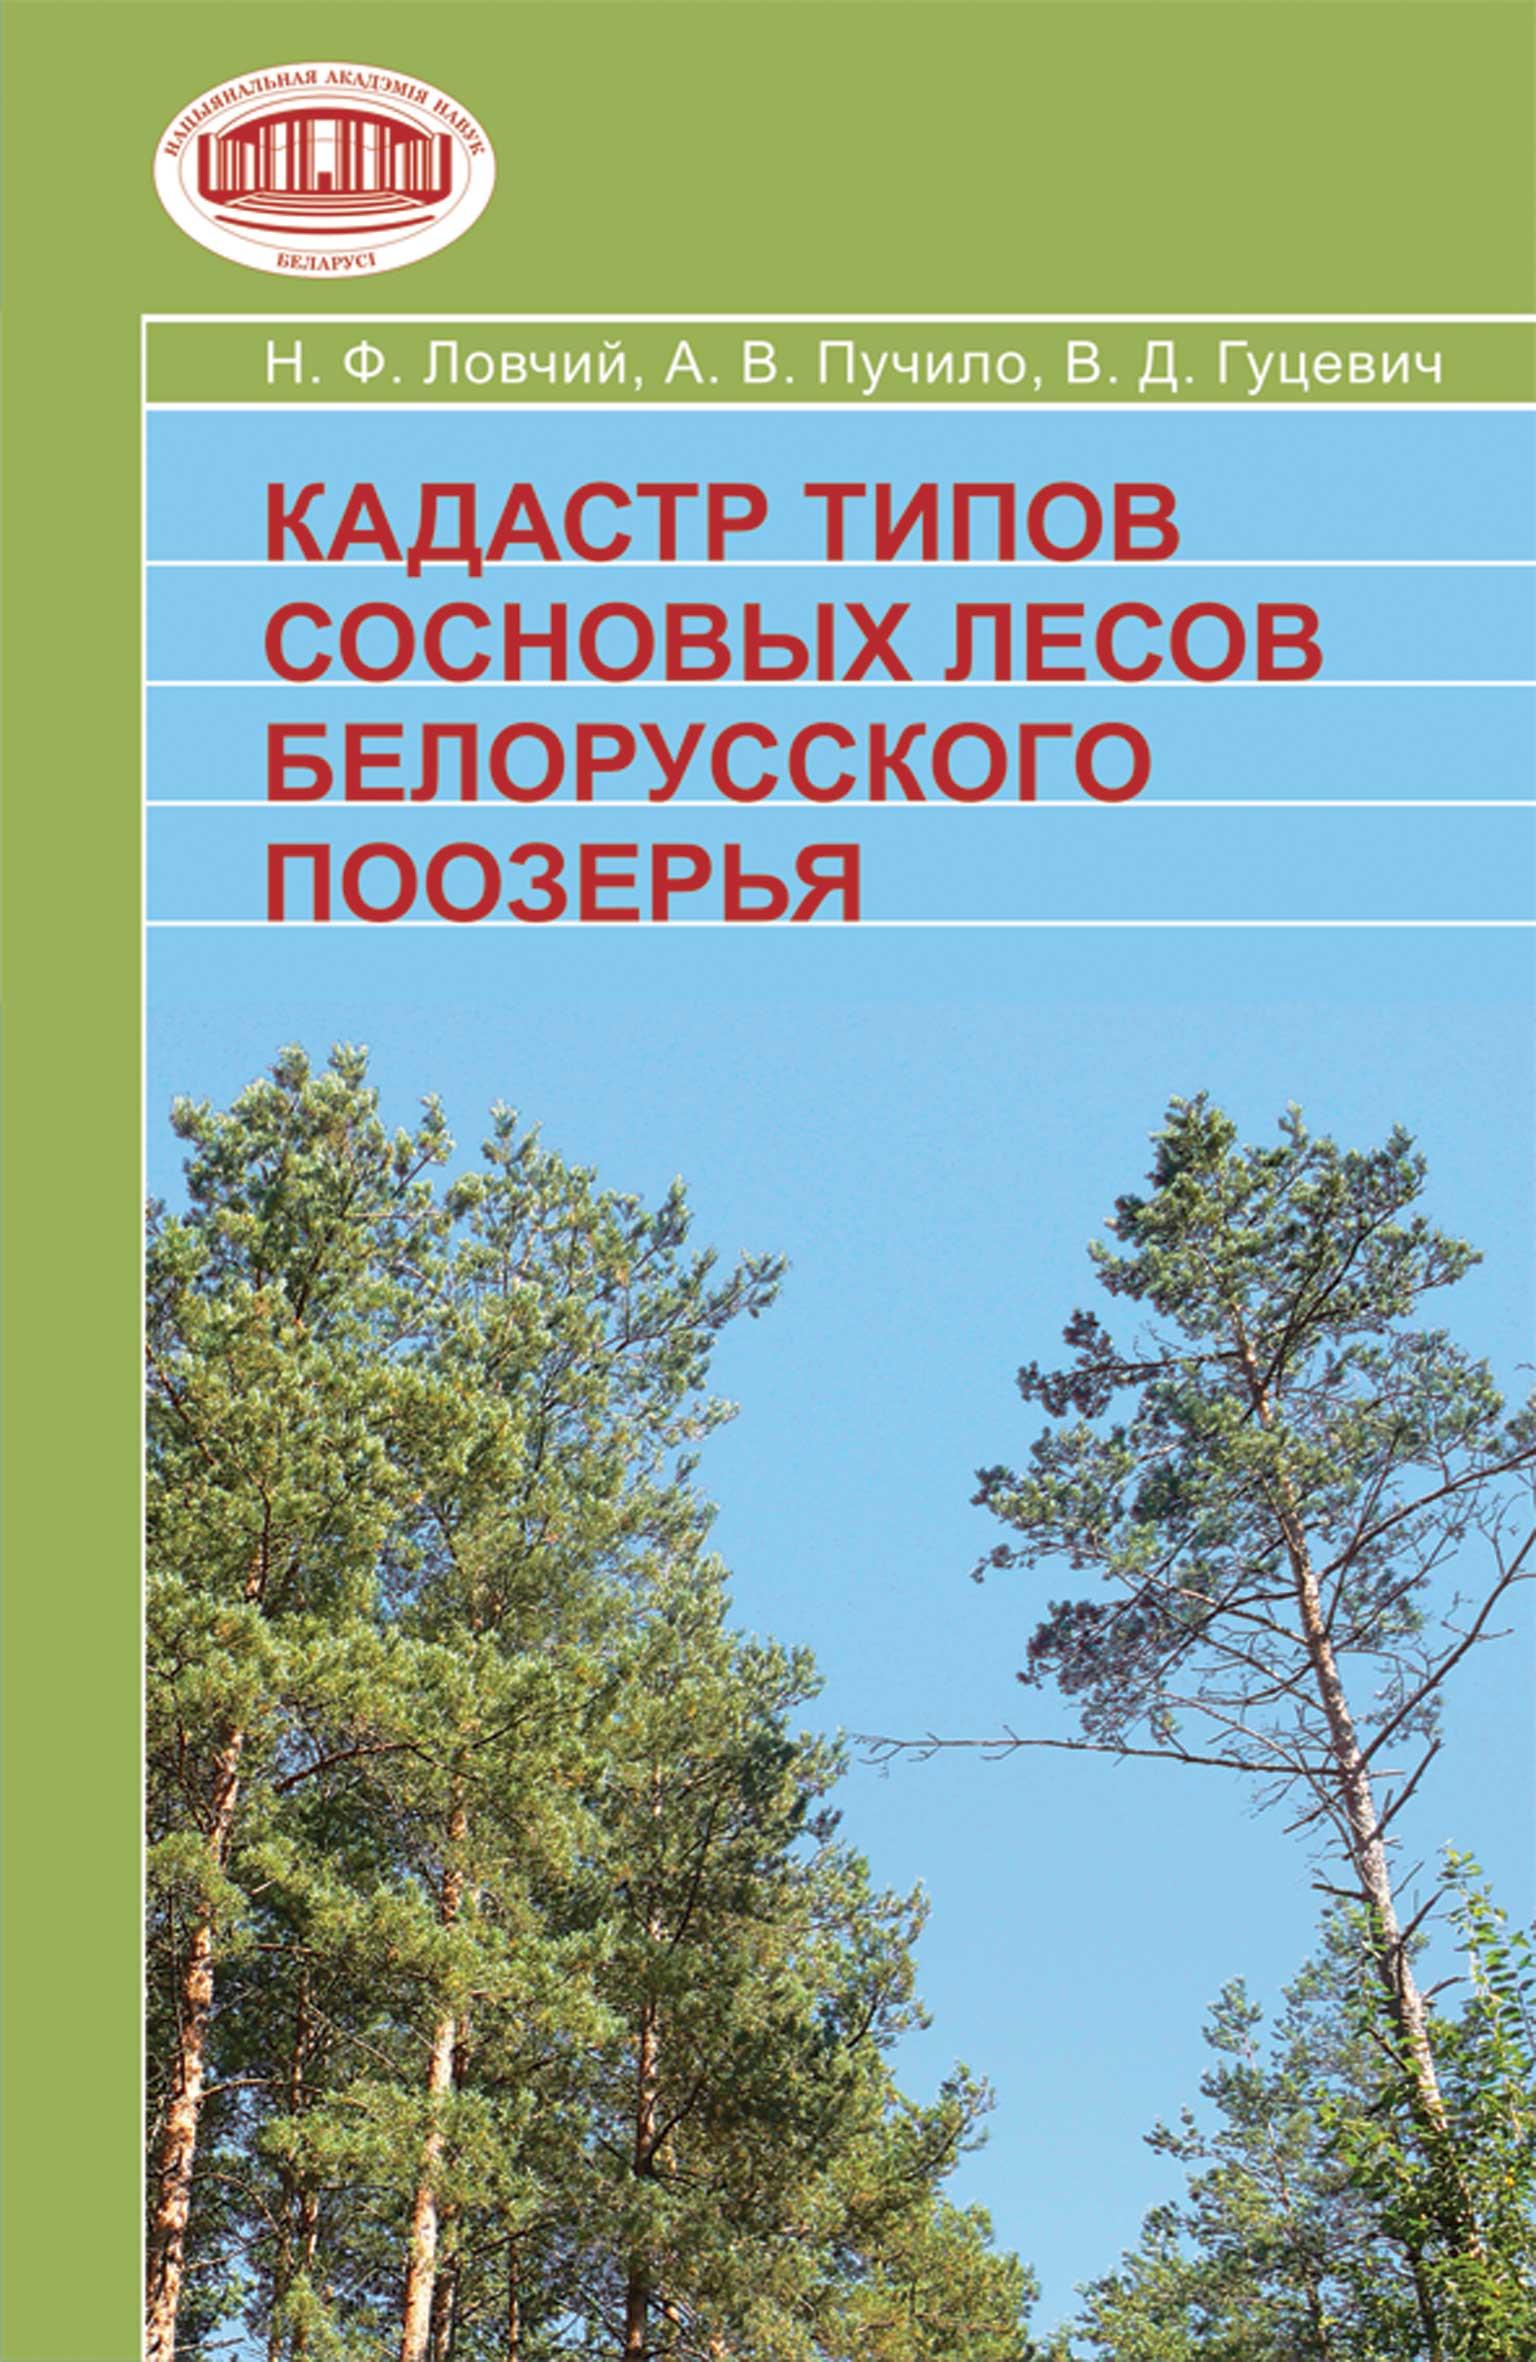 В. Д. Гуцевич Кадастр типов сосновых лесов Белорусского Поозерья п н белый лишайники еловых лесов беларуси